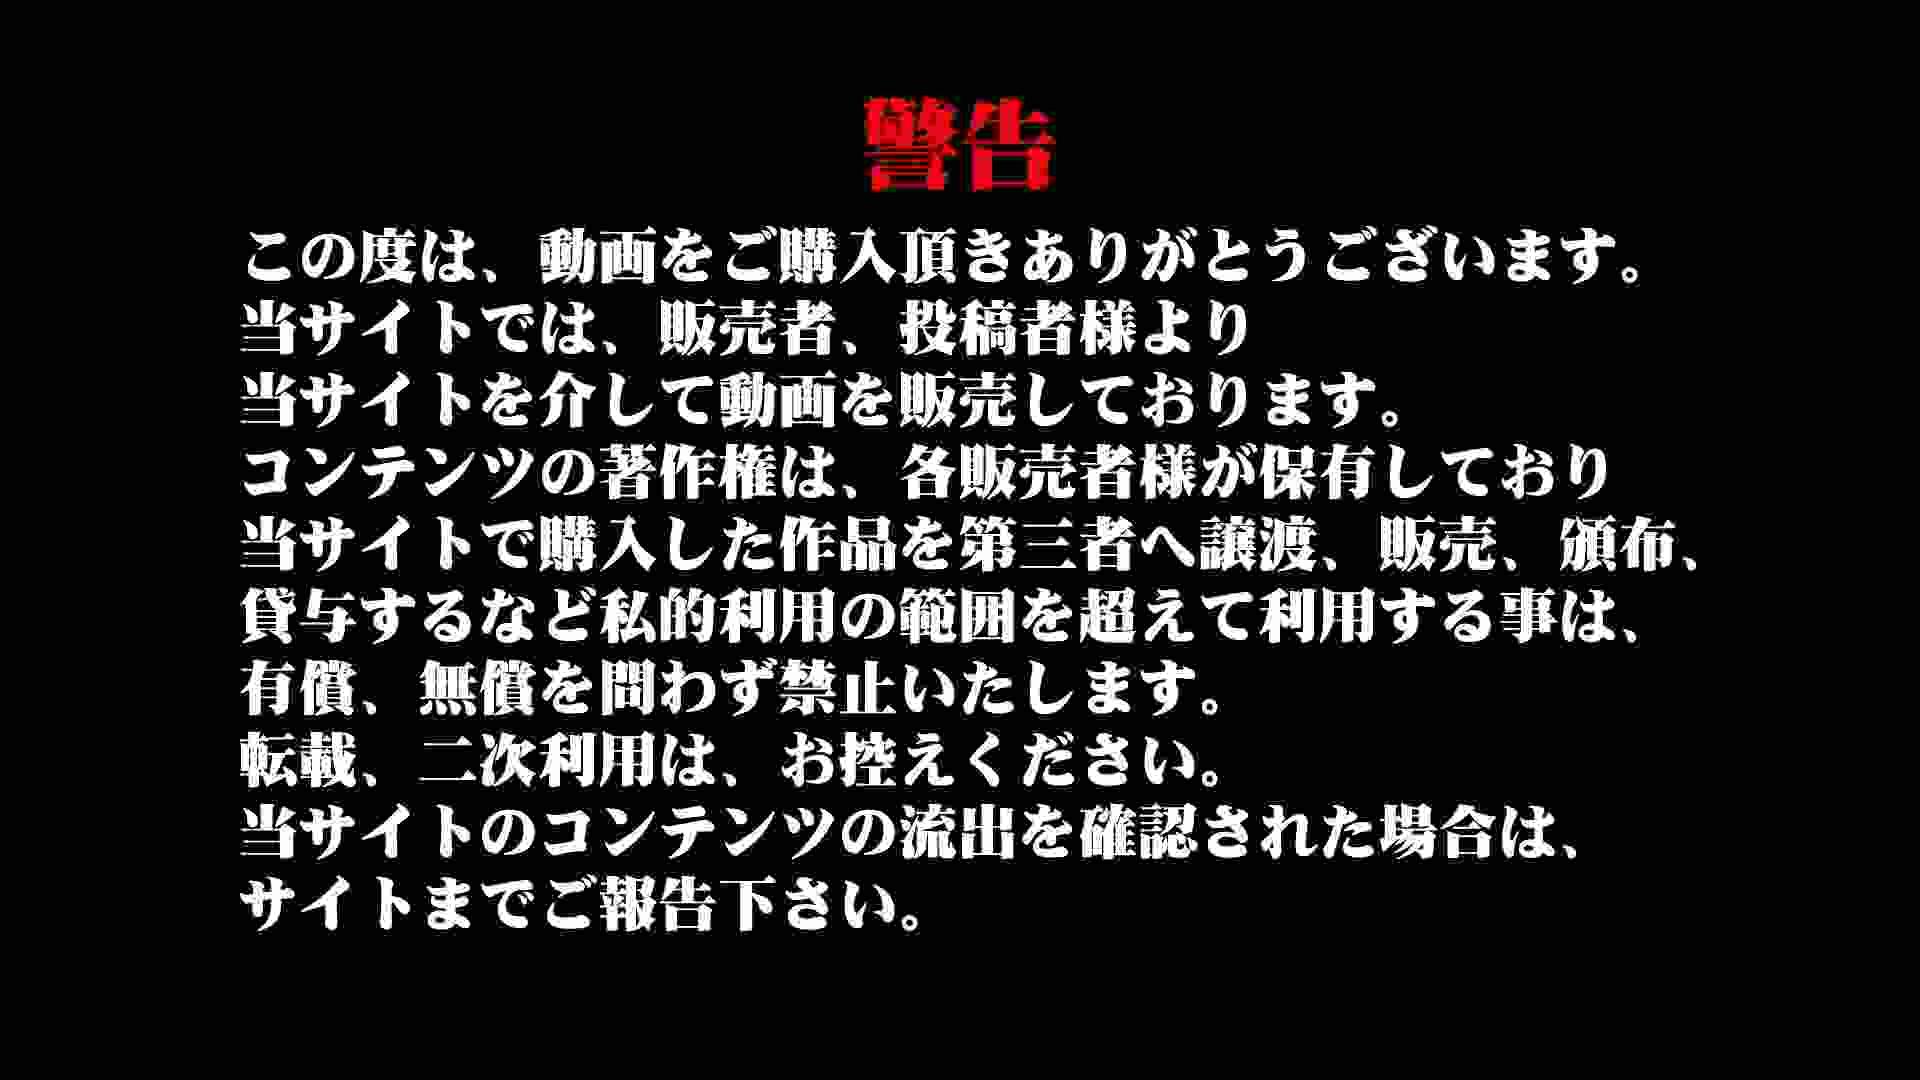 Aquaな露天風呂Vol.927 盗撮師作品 ぱこり動画紹介 87pic 2